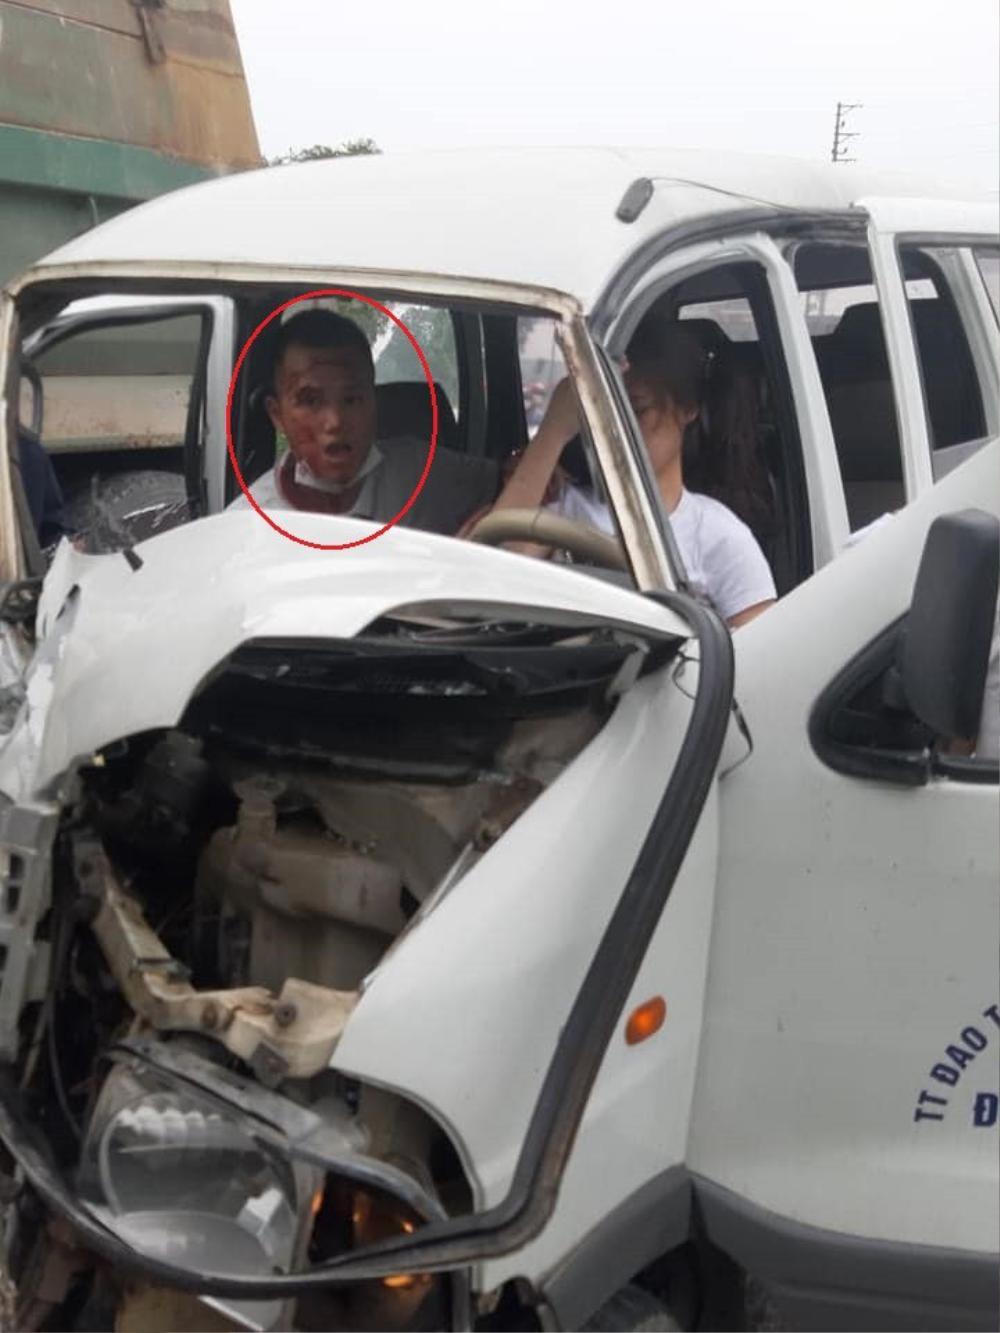 Giao xe ô tô cho học viên, đến khi quay lại thầy giáo 'thất kinh' khi nhìn thấy cảnh tượng trước mắt Ảnh 5